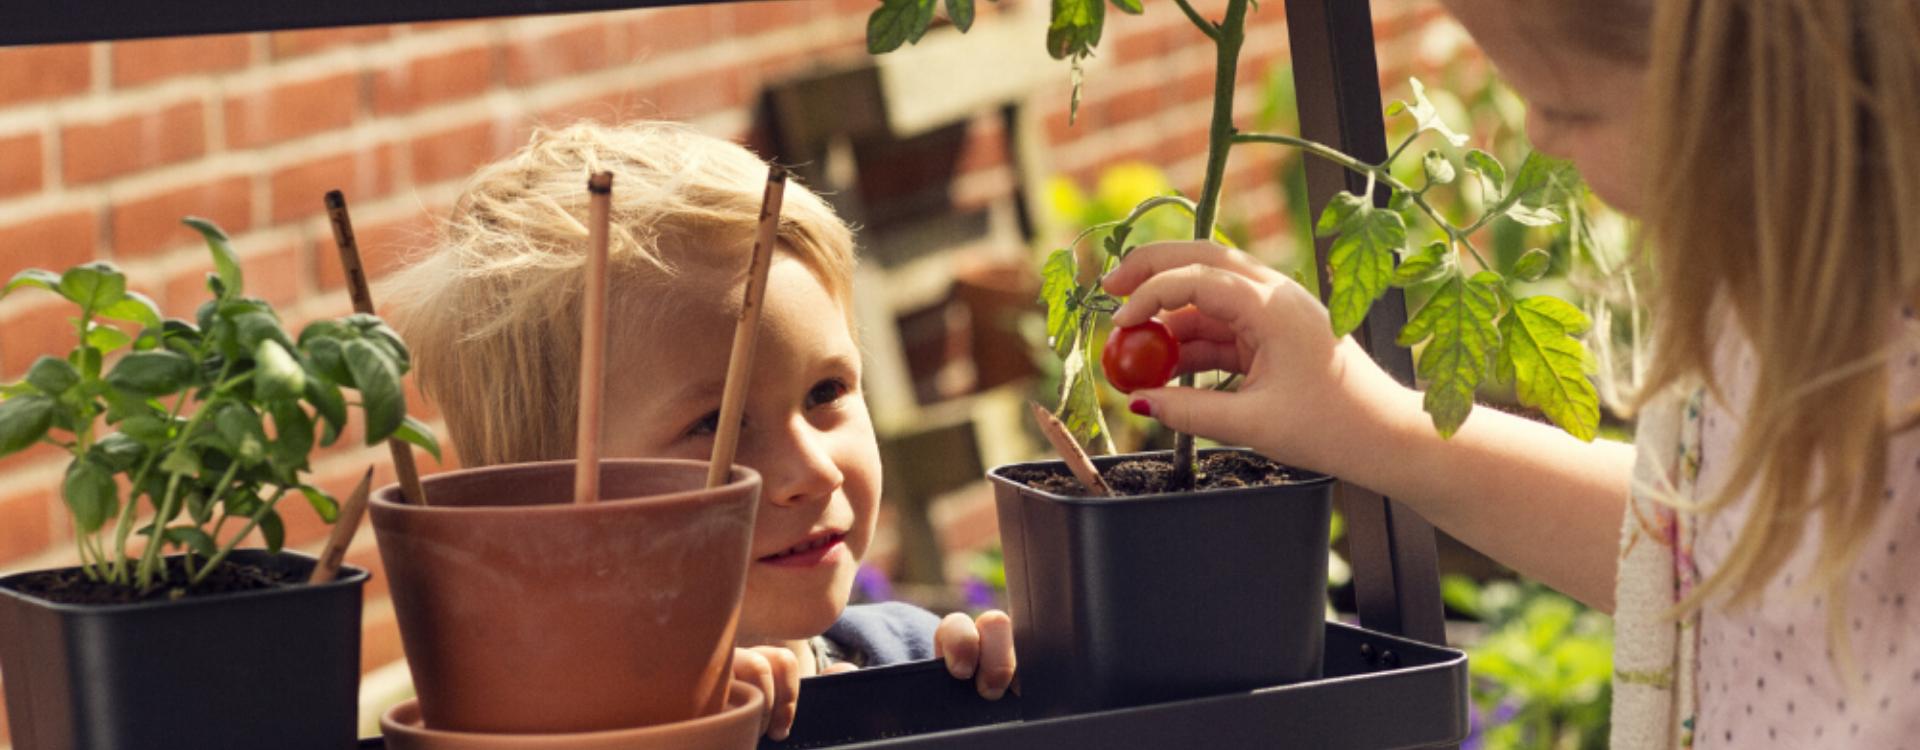 scuole-sostenibili-cancelleria-ecologica